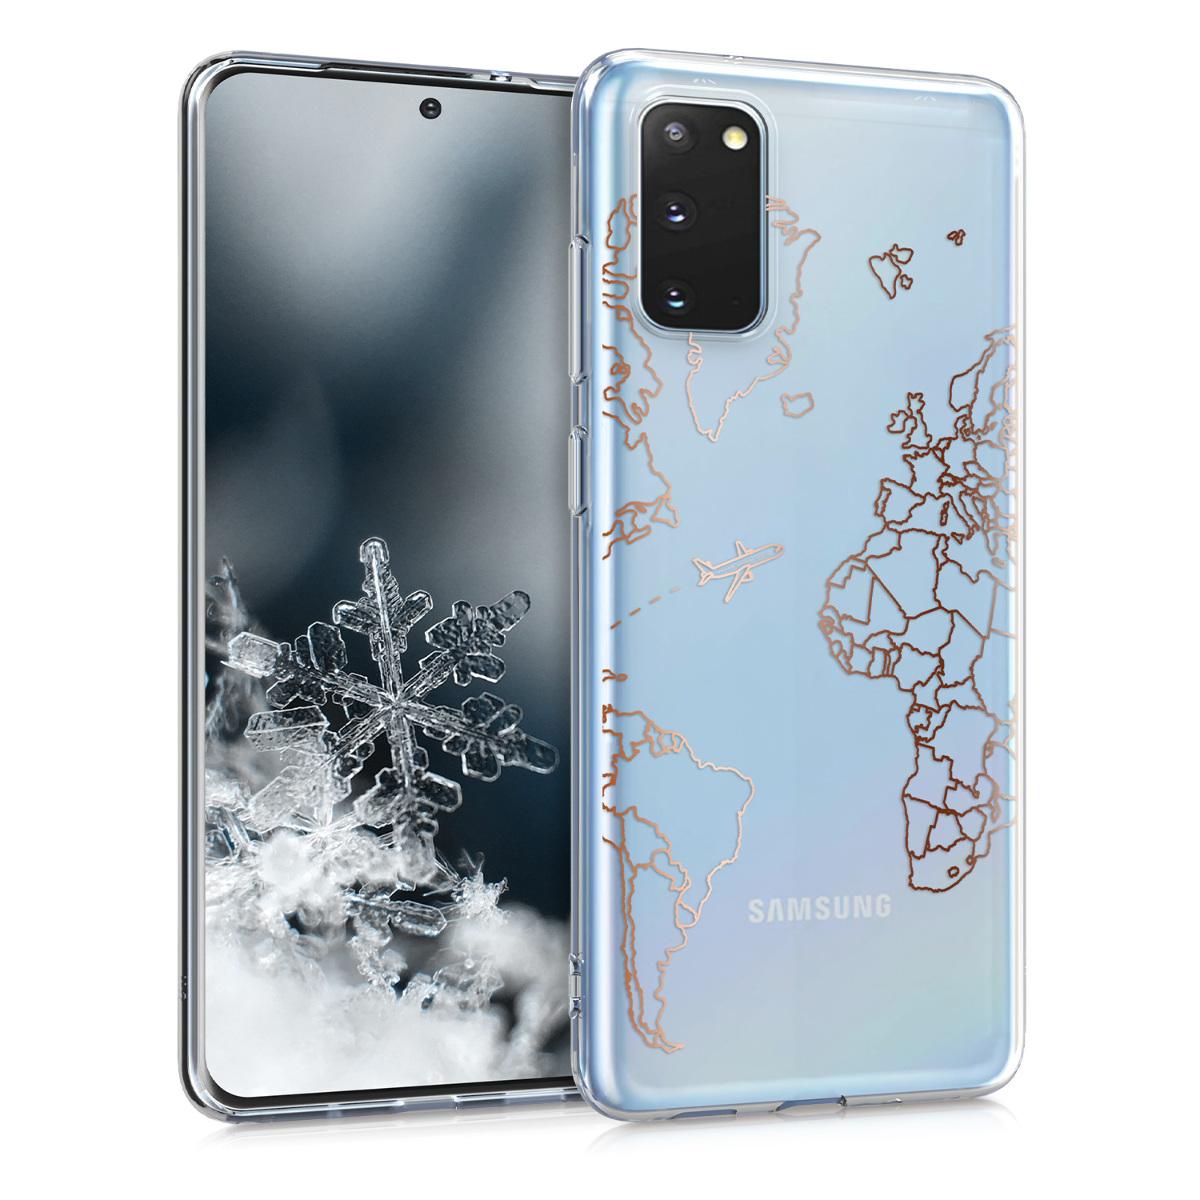 Silikonové pouzdro / obal pro Samsung S20 s motivem mapy světa